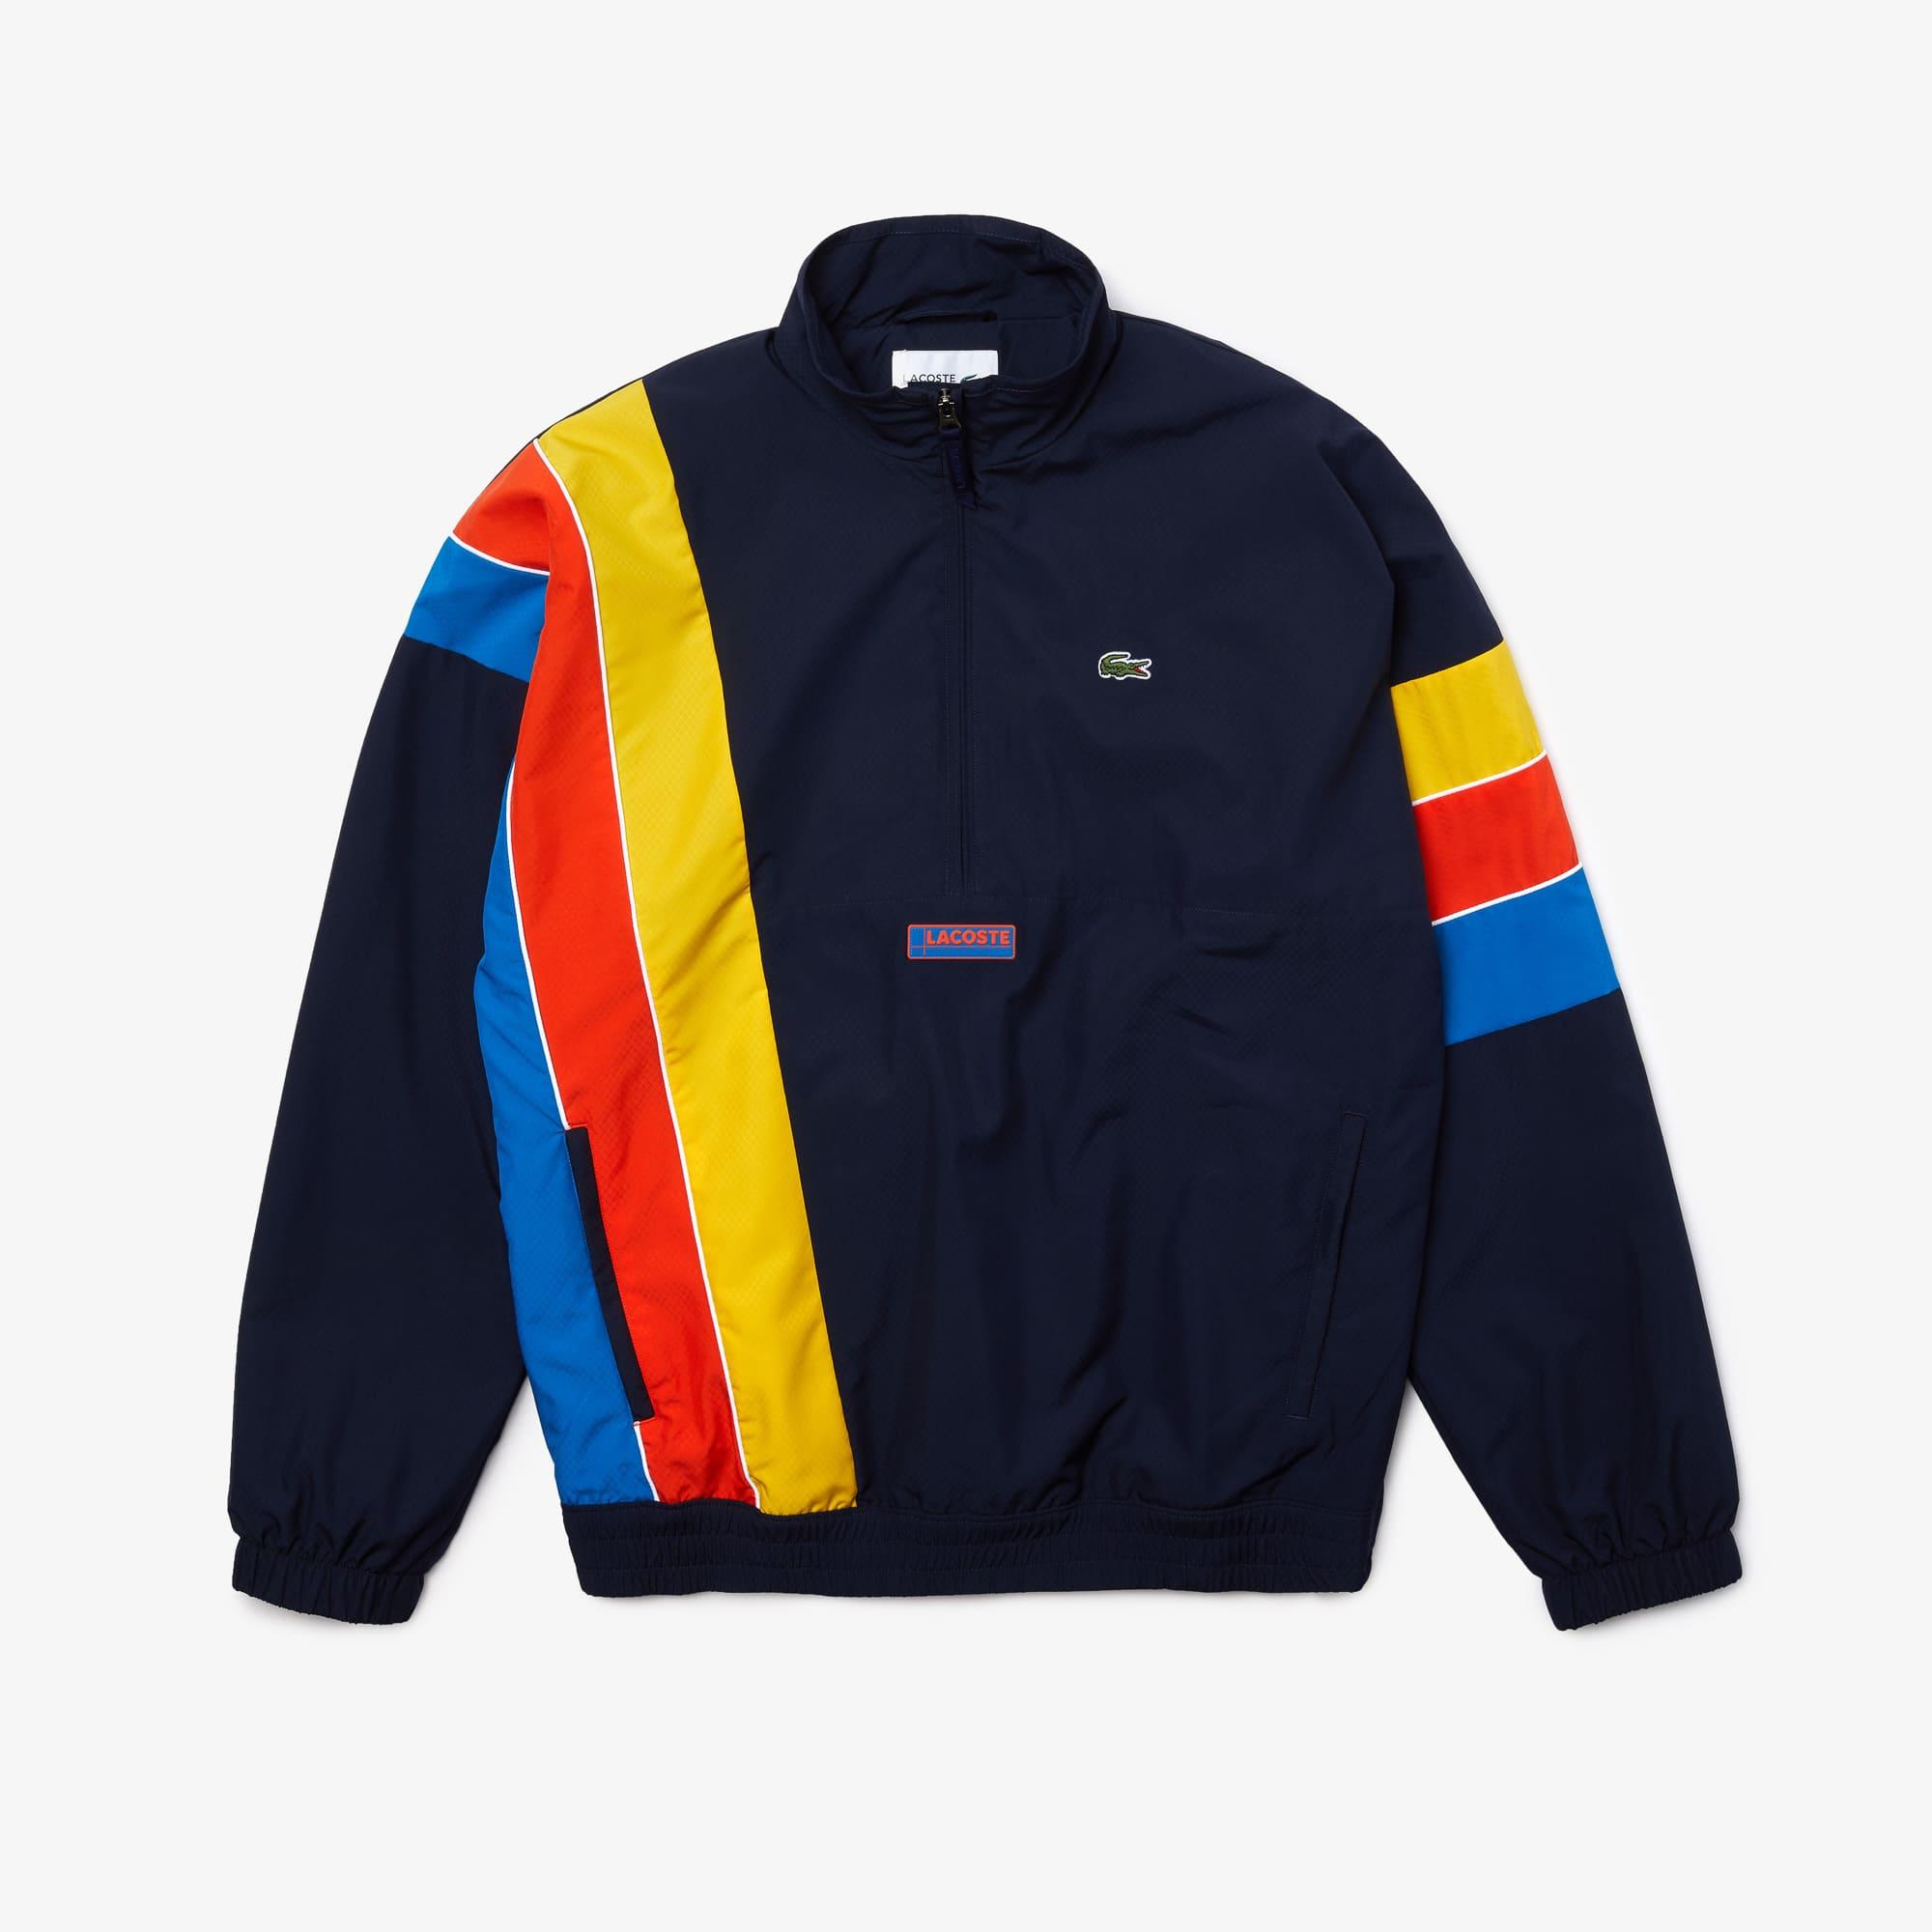 라코스테 스포츠 지퍼넥 경량 방수 자켓 Lacoste Mens SPORT Zip Neck Lightweight Water-Resistant Jacket